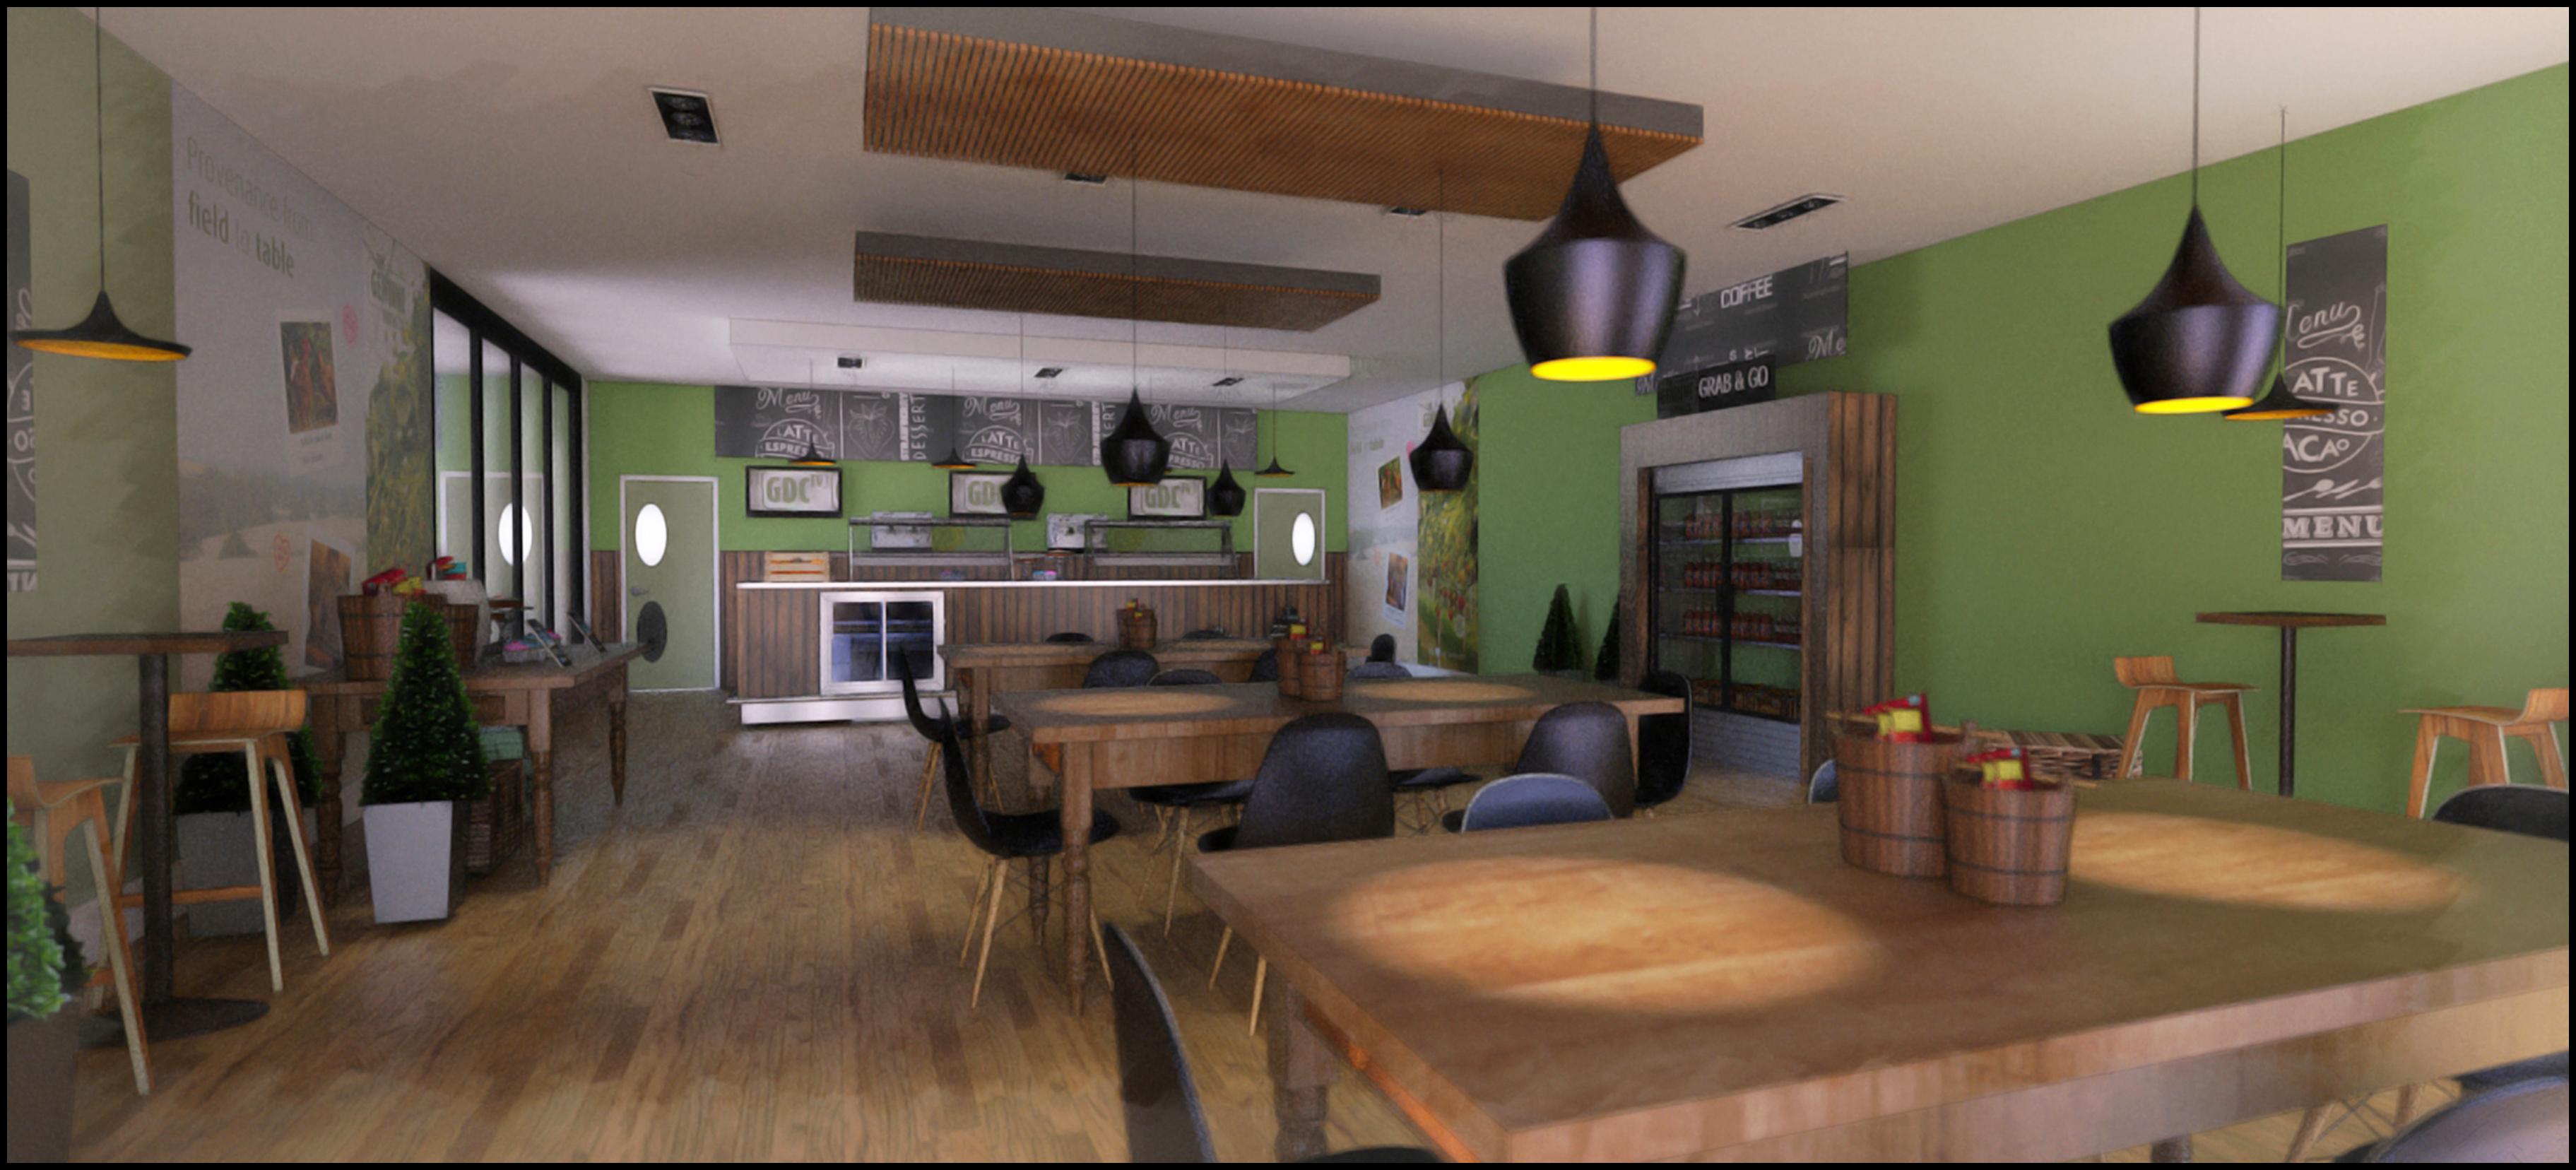 Concept Image - Market Cafe.jpg